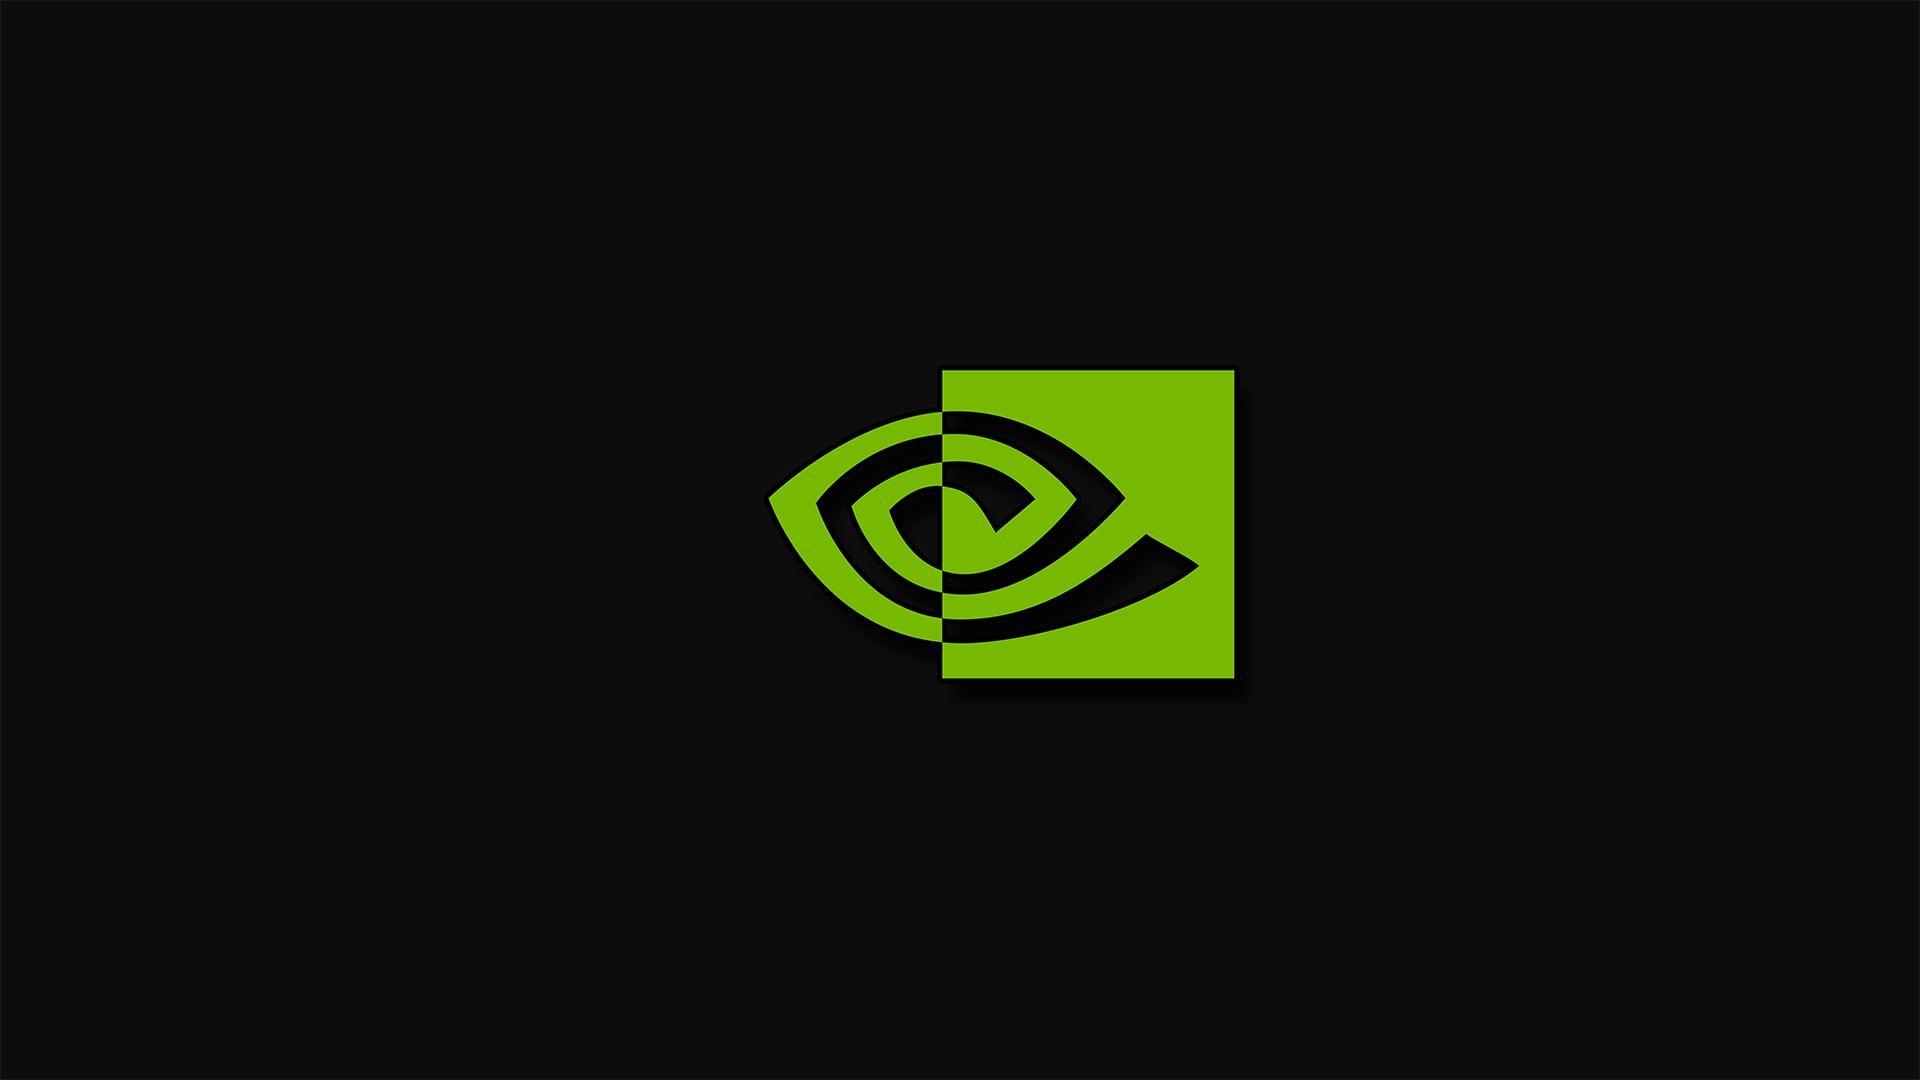 Технология визуальных вычислений от nvidia изобретателя gpu Графические карты для игр на ПК